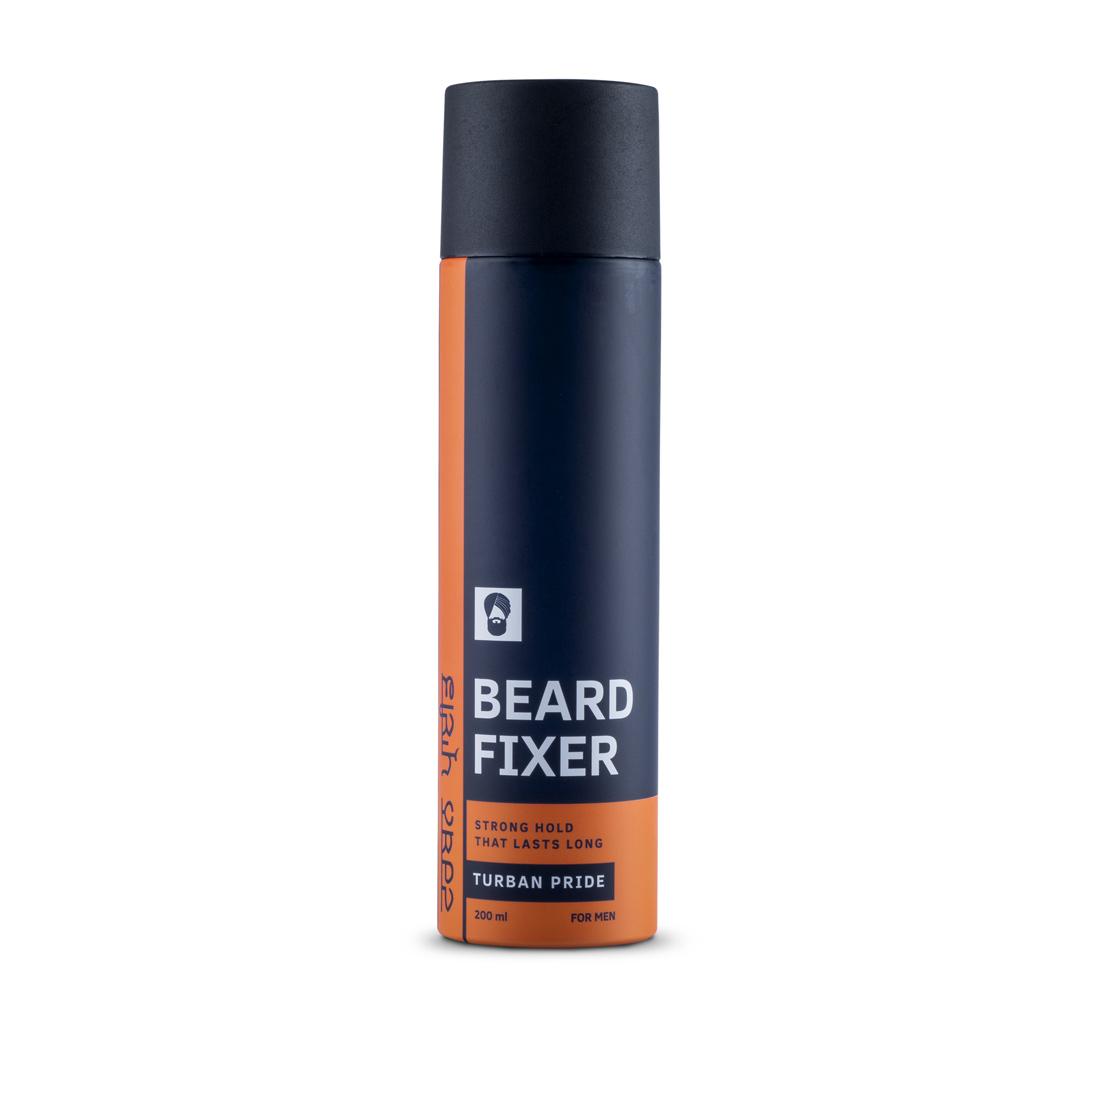 Turban Pride Beard Fixer - 200ml